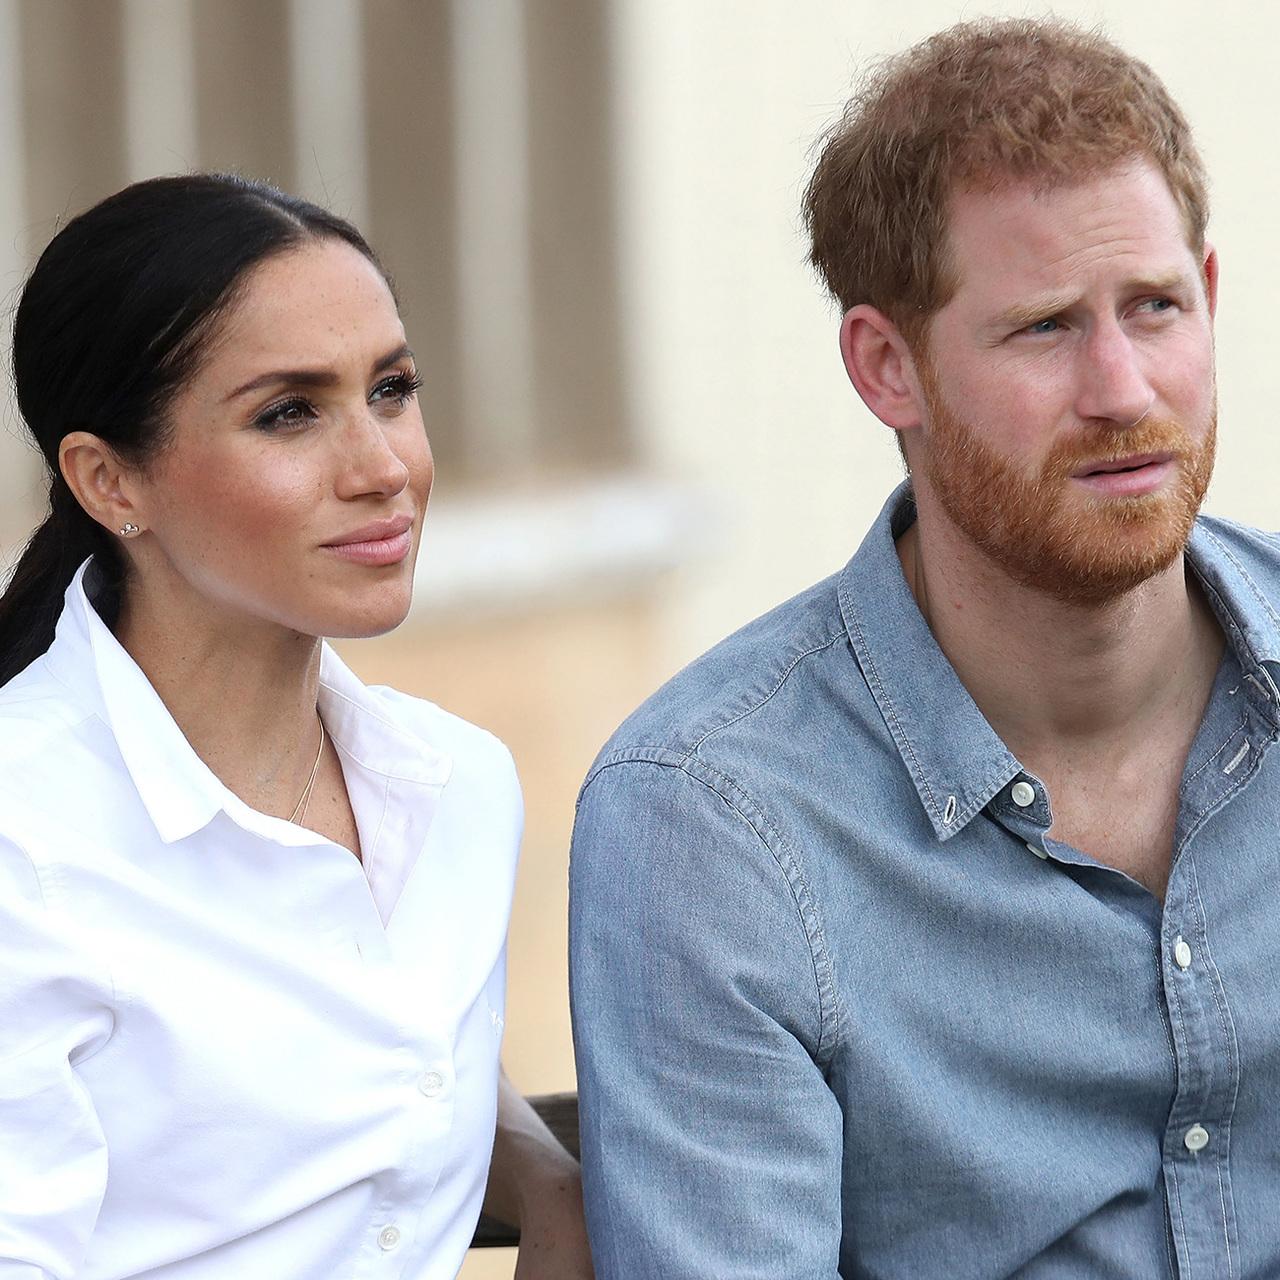 Принц Гарри и Меган Маркл останутся без денег: Люди: Из жизни ...